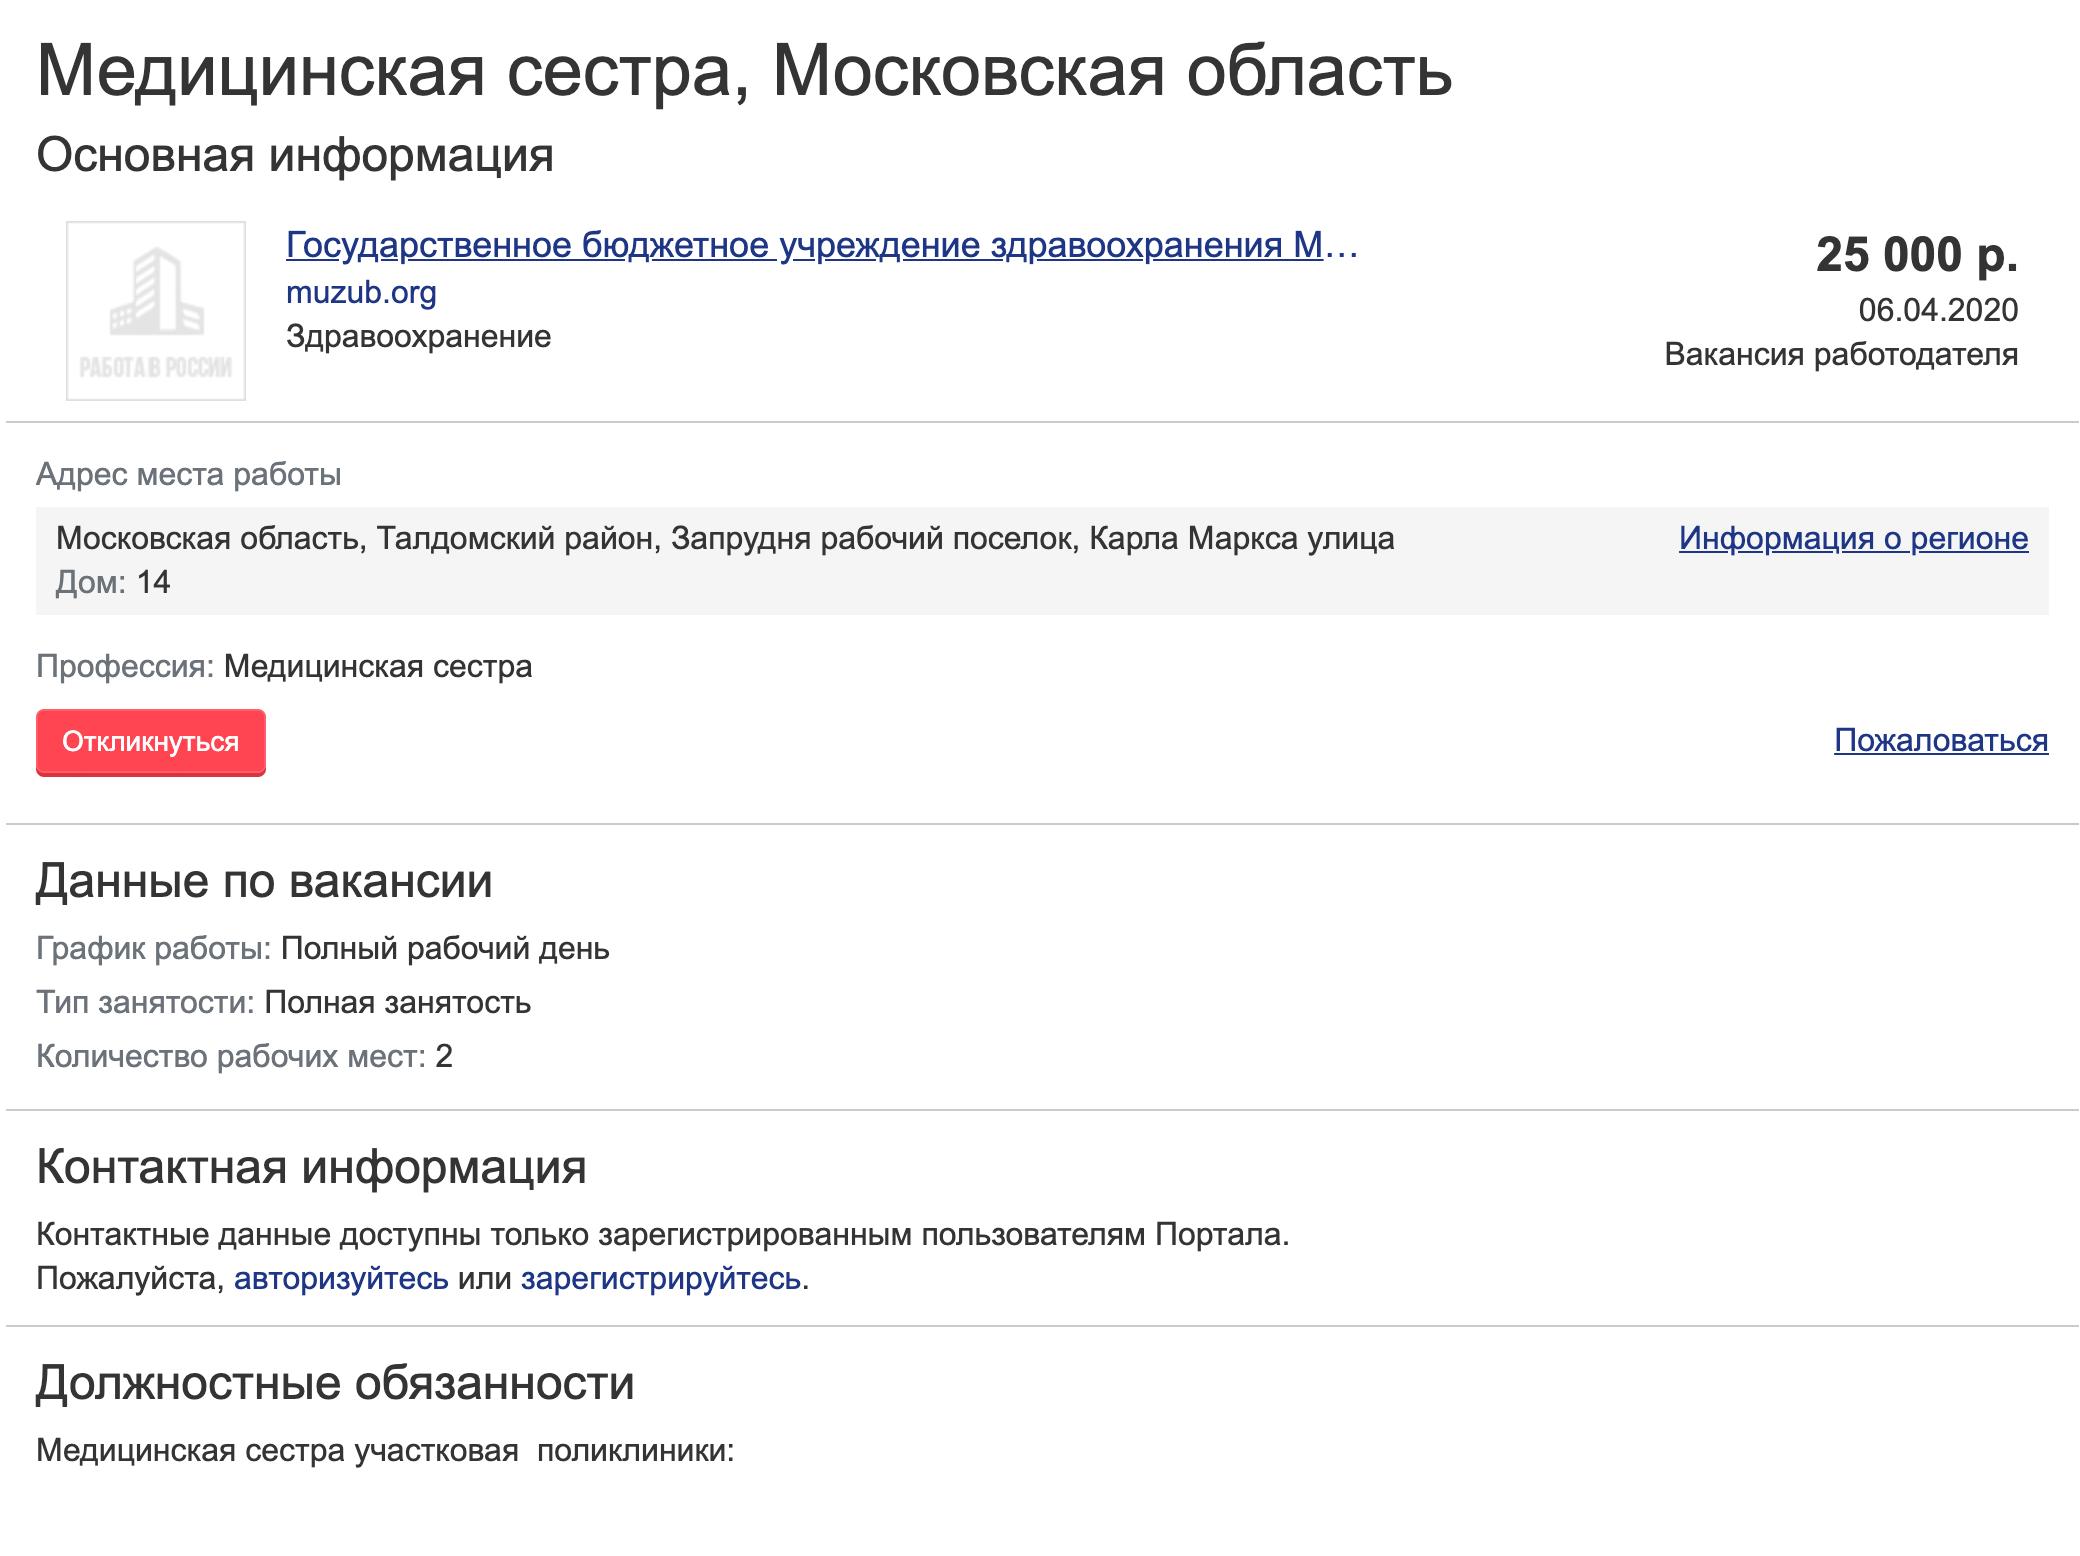 Медсестре участкового врача вТалдомской районной больнице Московской области предлагают зарплату 25тысяч вмесяц. Средняя порегиону — 55,2тысячи рублей